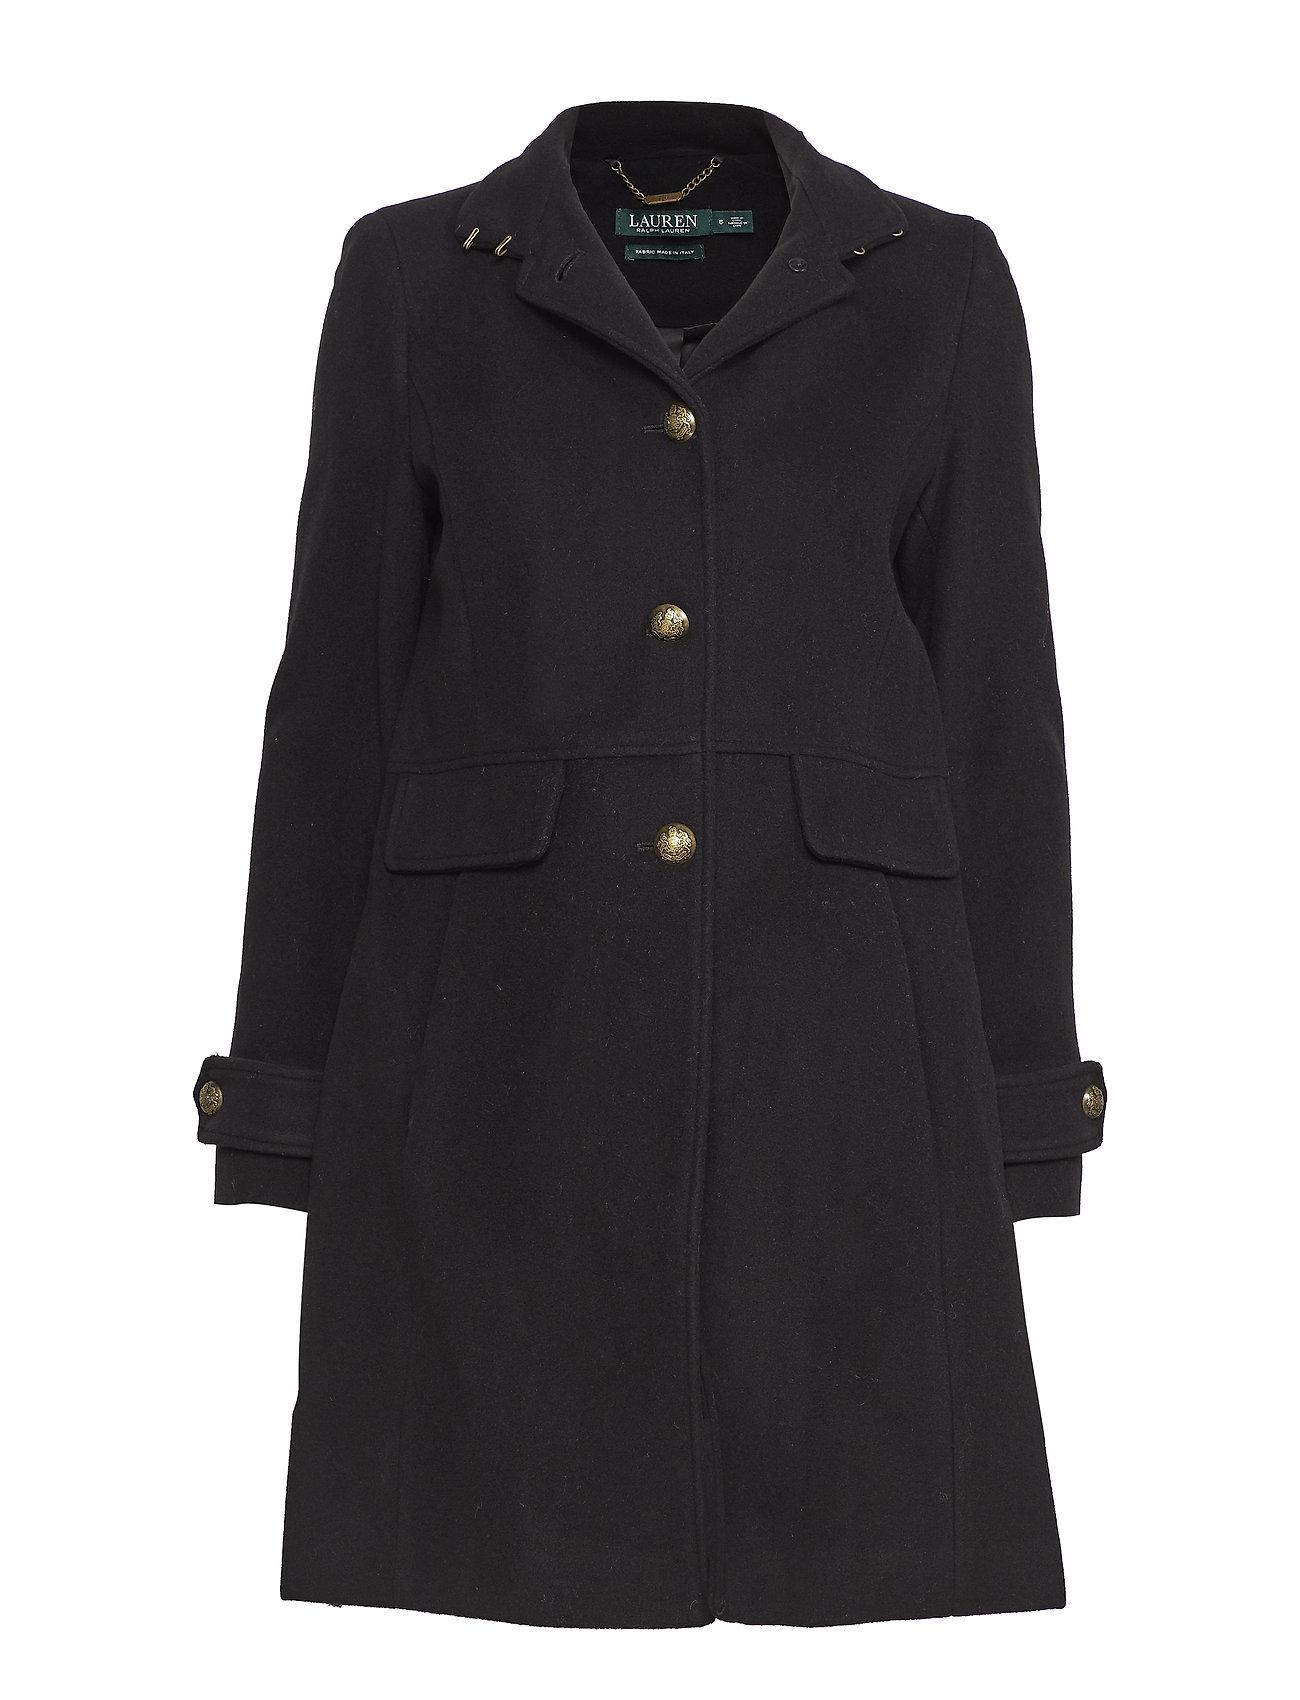 efe69066a86b Wool-blend Coat (Black) (£189) - Lauren Ralph Lauren -